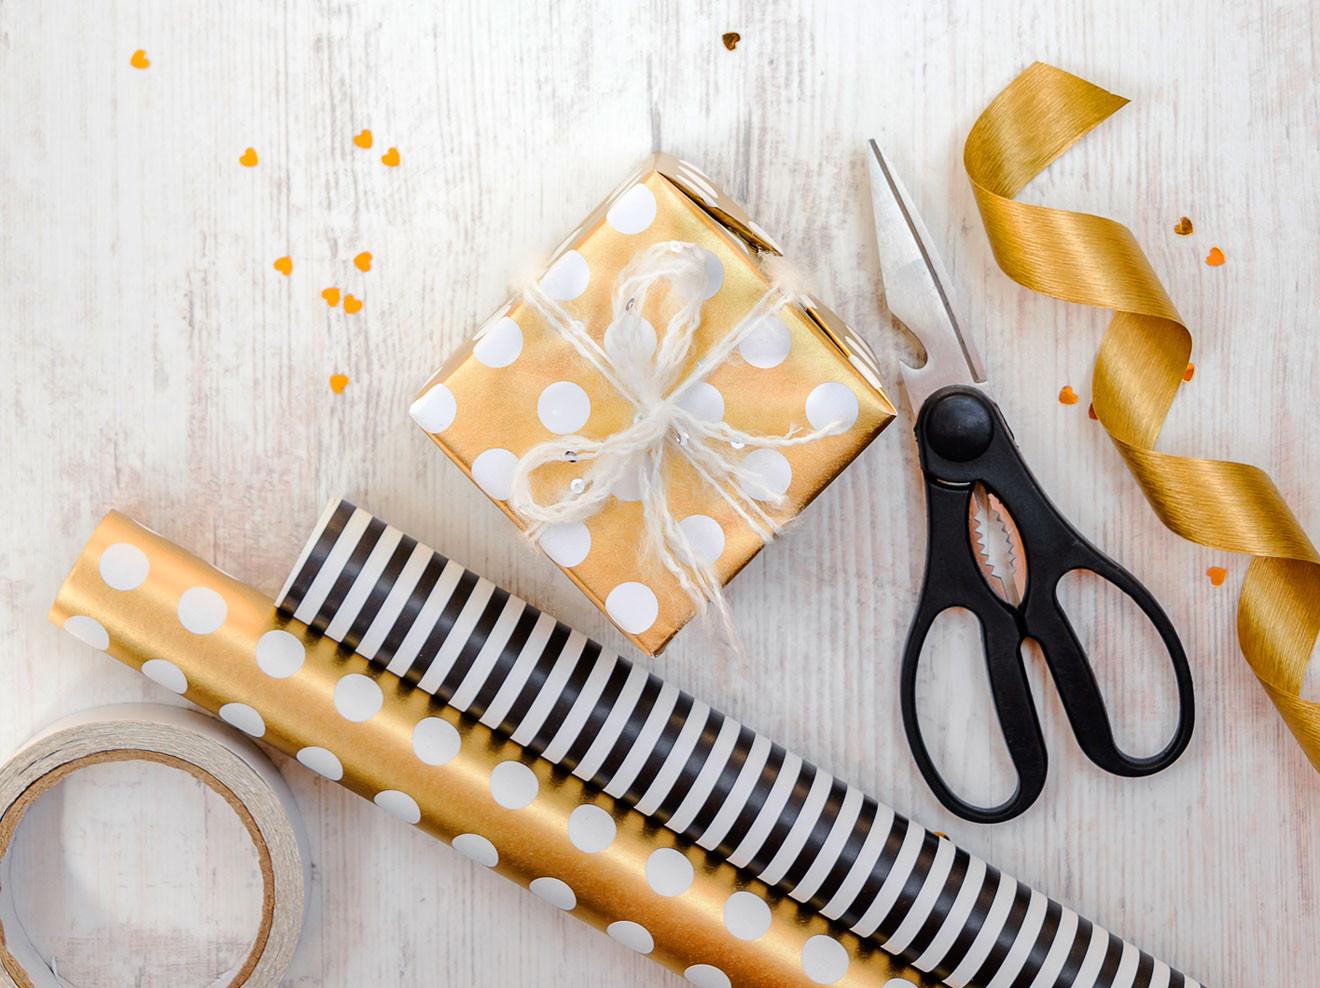 Die Besten Geschenke  Geschenke einpacken Die besten Ideen für schöne Präsente